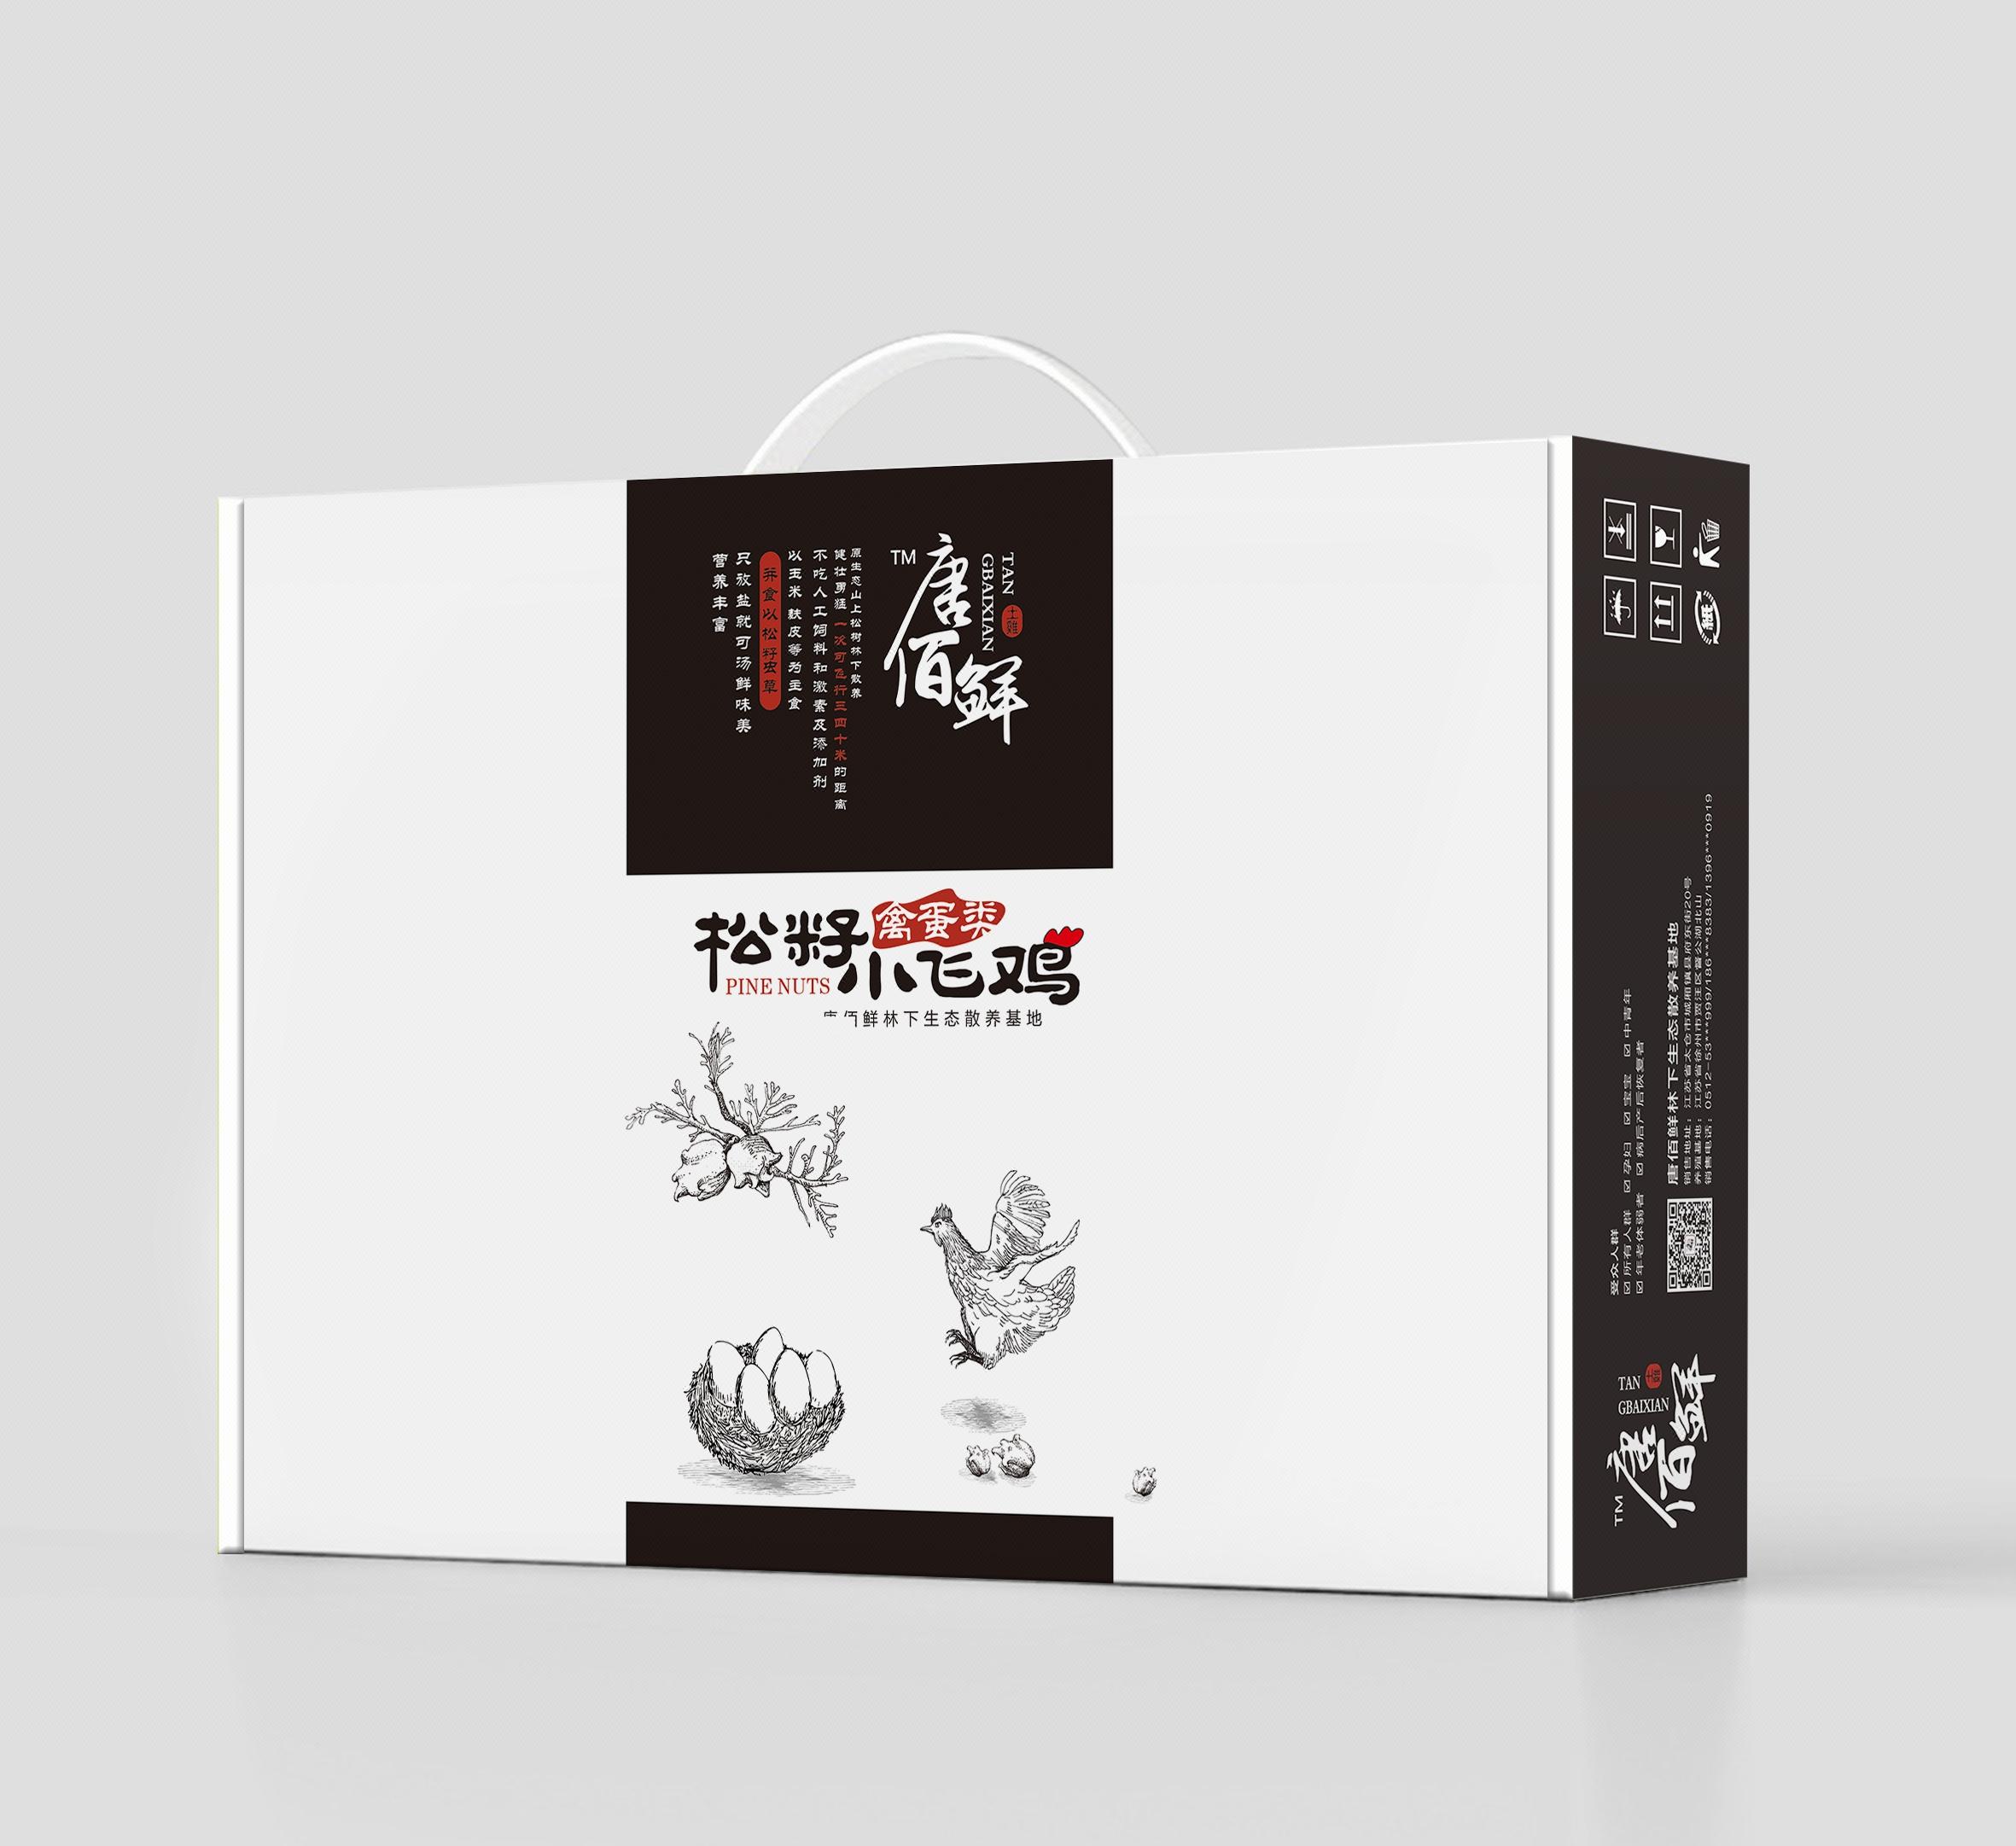 北京产品包装设计袋礼盒纸箱 标签 瓶贴 手提袋设计印*